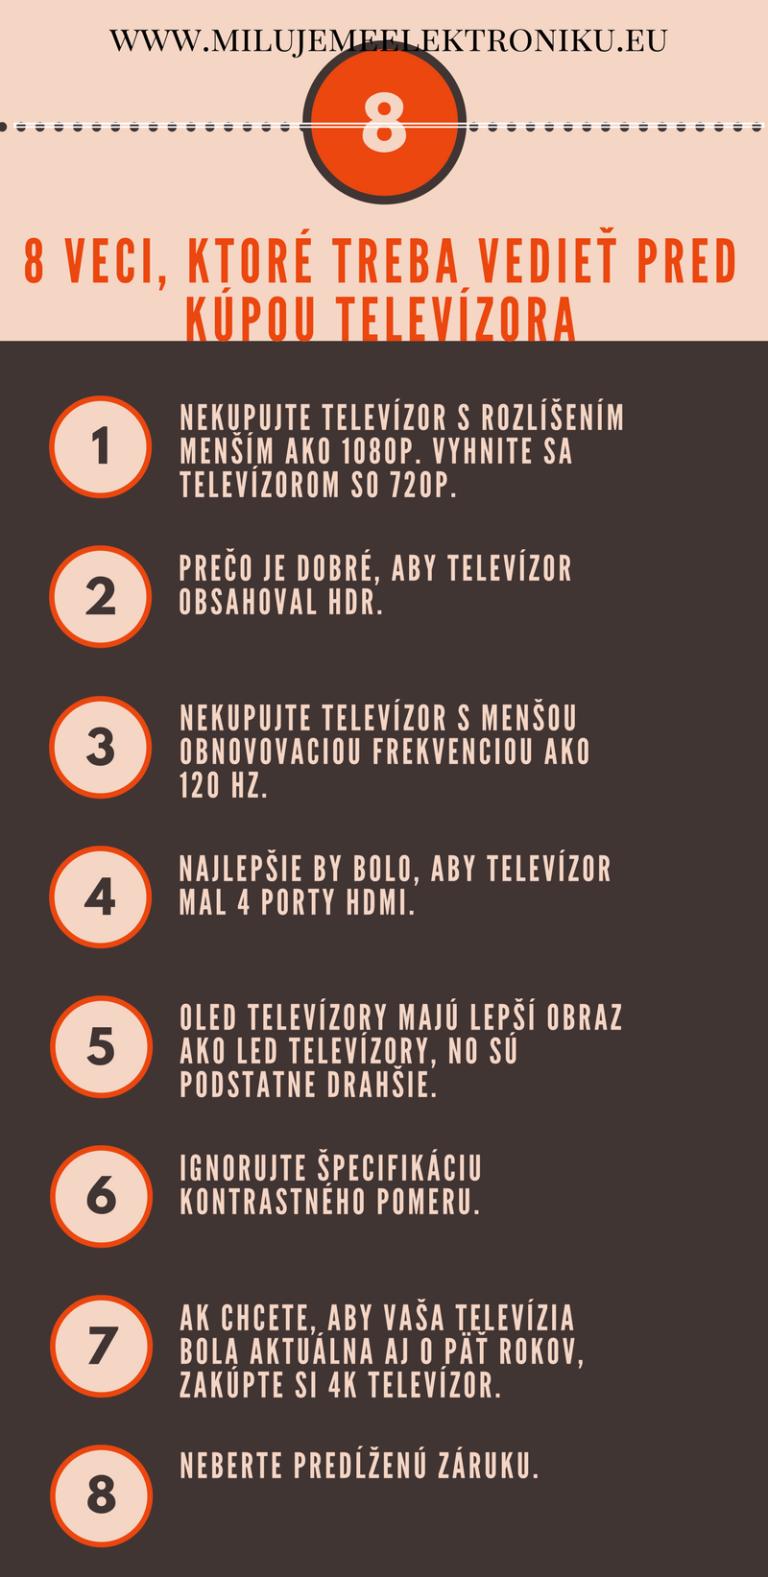 8 veci, ktoré treba vedieť pred kúpou televízora